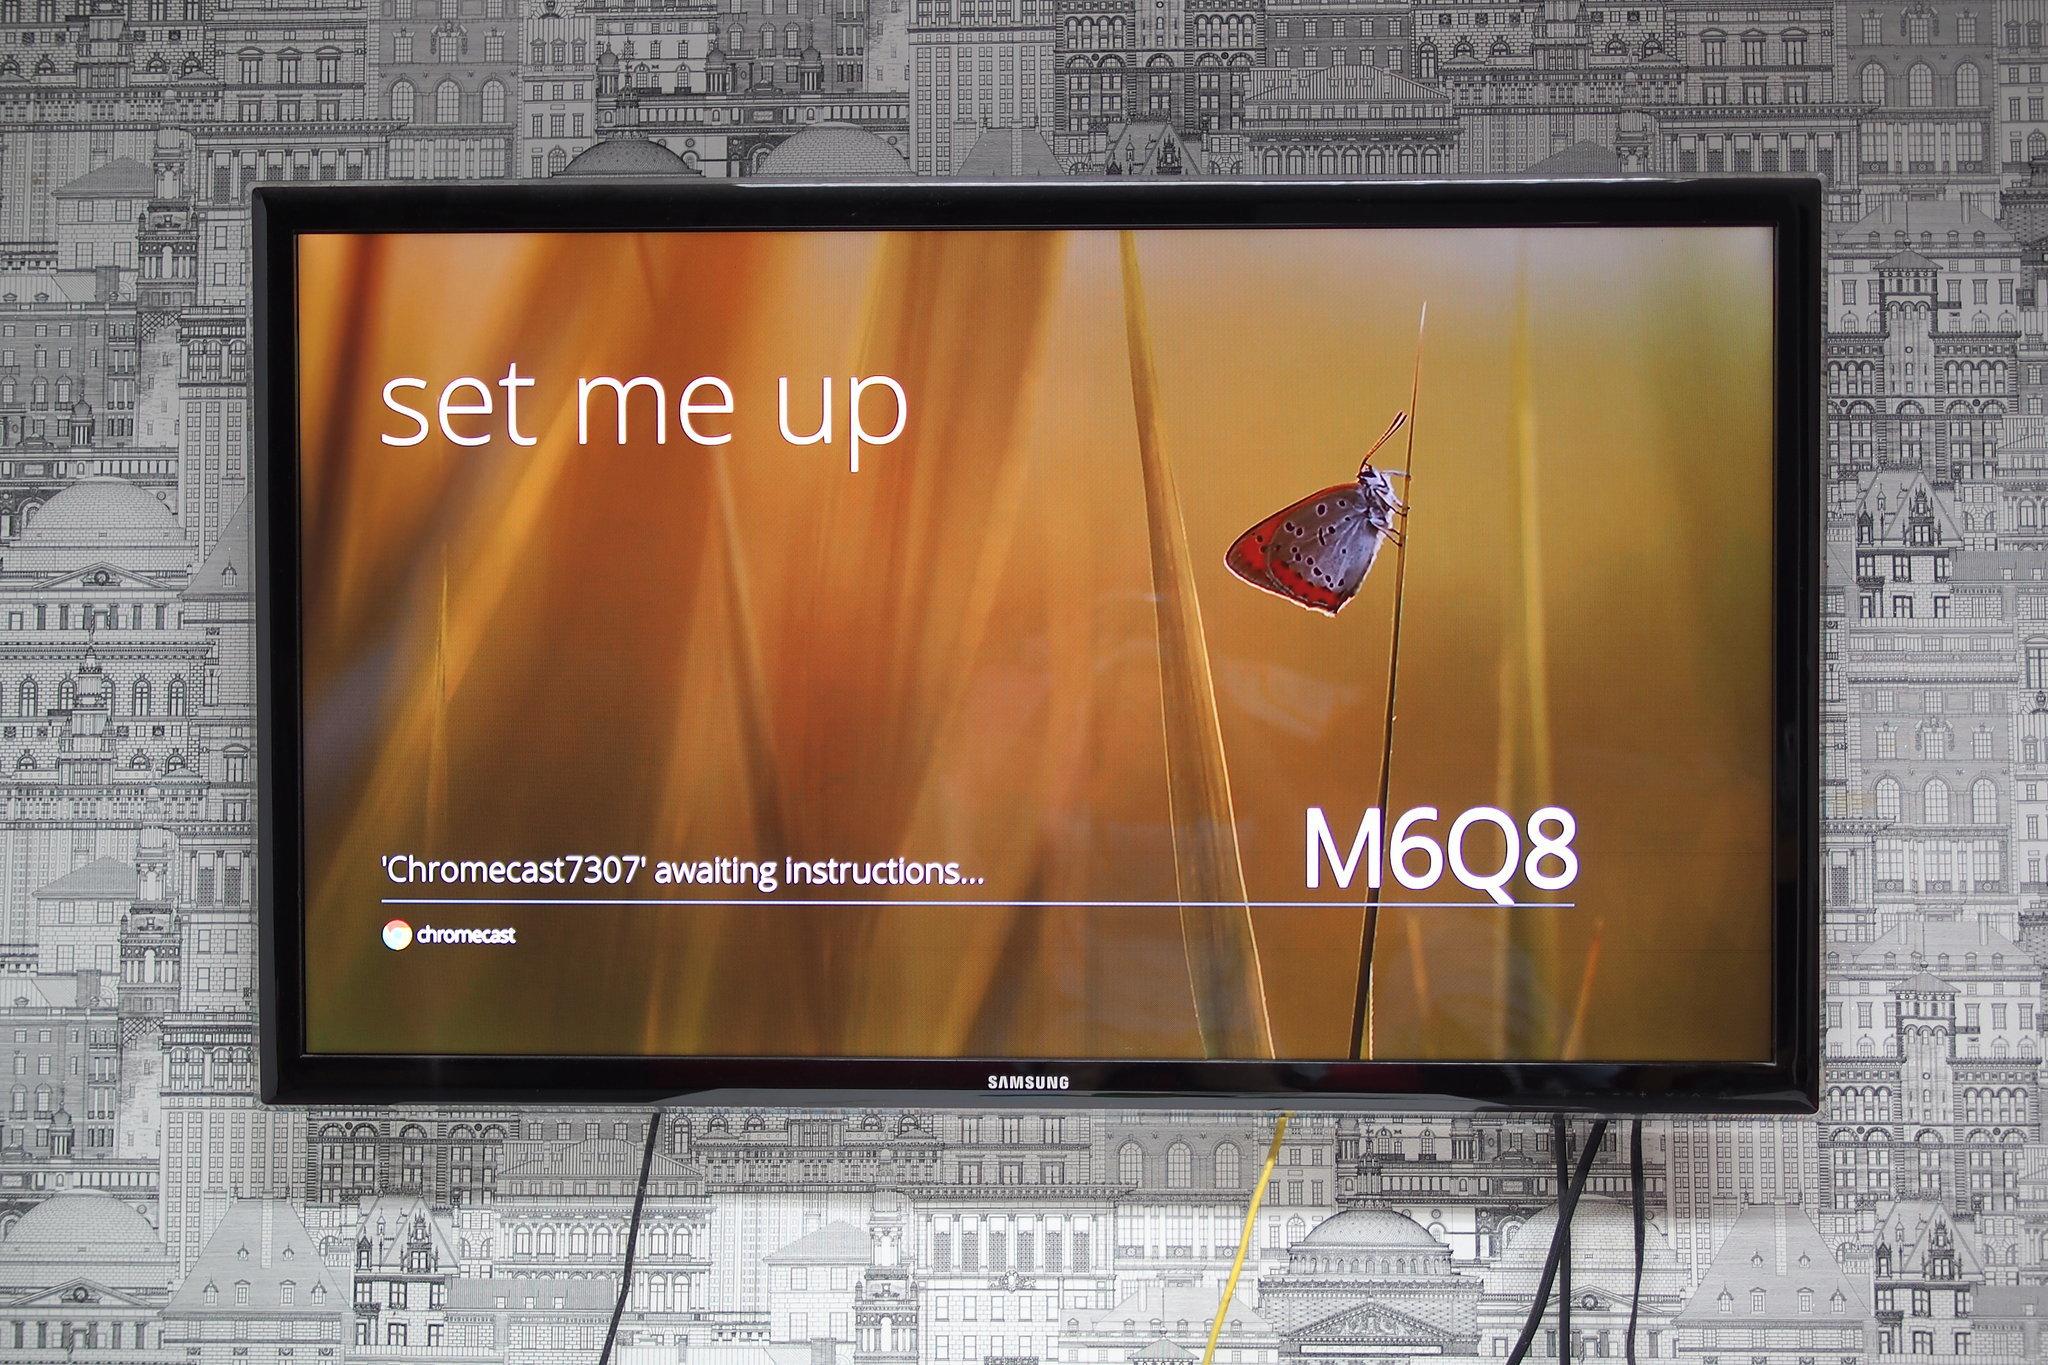 New Chromecast Apps 2014 Popsugar Tech